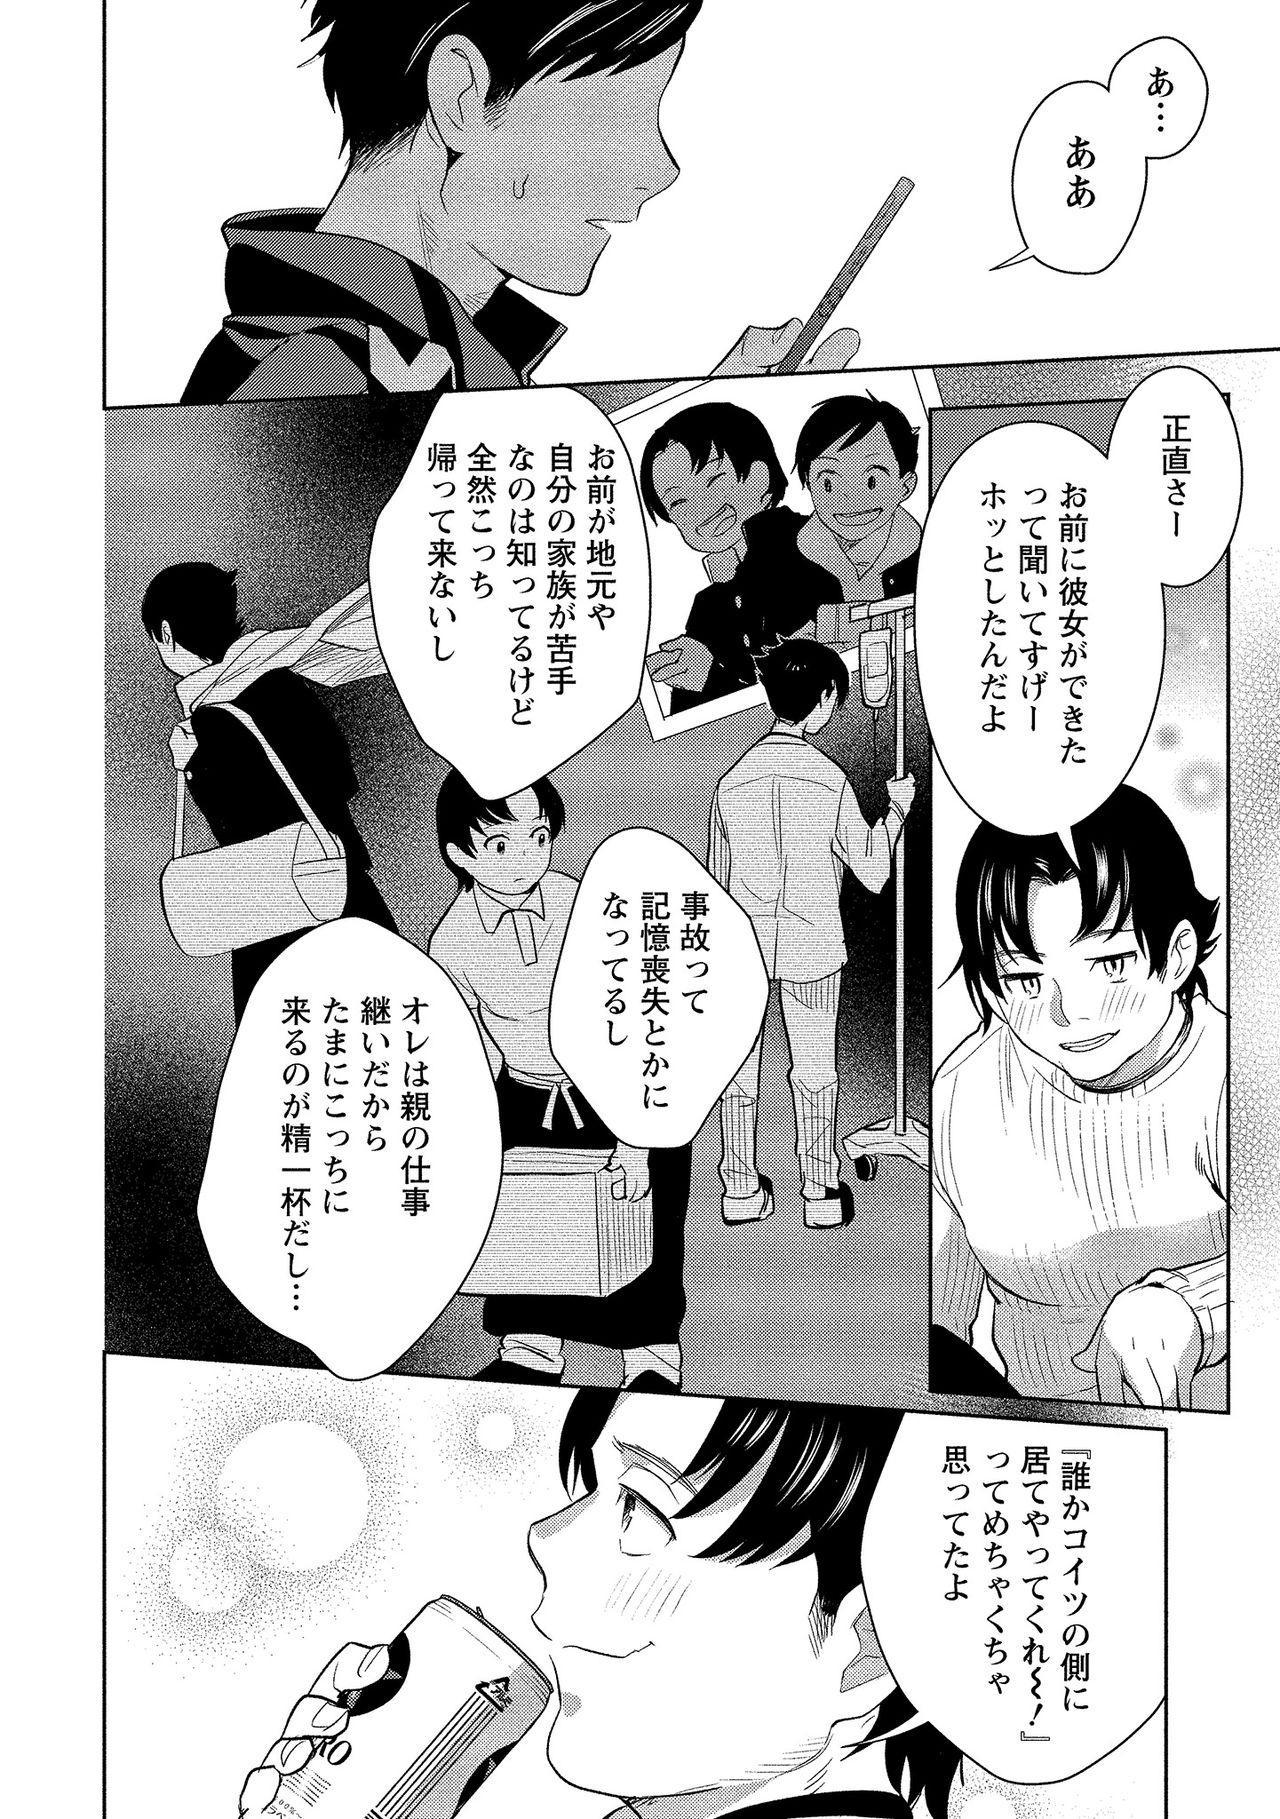 Dorobou Neko wa Kanojo no Hajimari 142